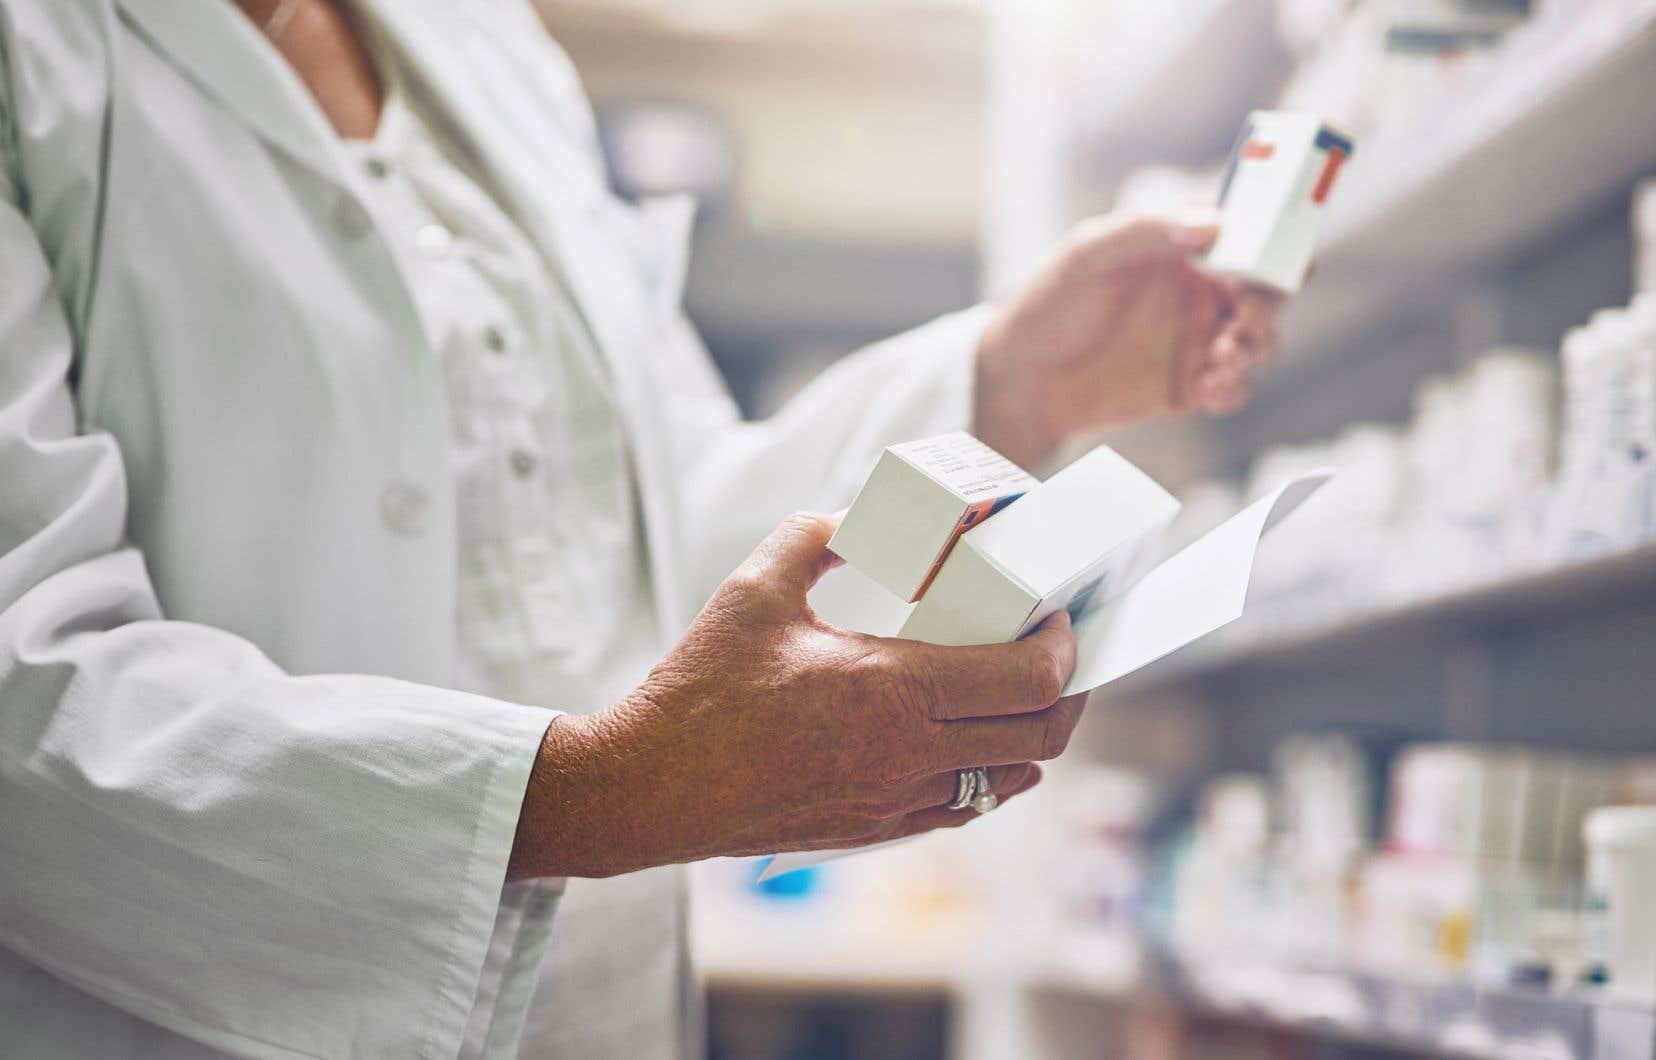 Ailleurs dans le monde, la pilule abortive est pourtant de plus en plus prescrite.